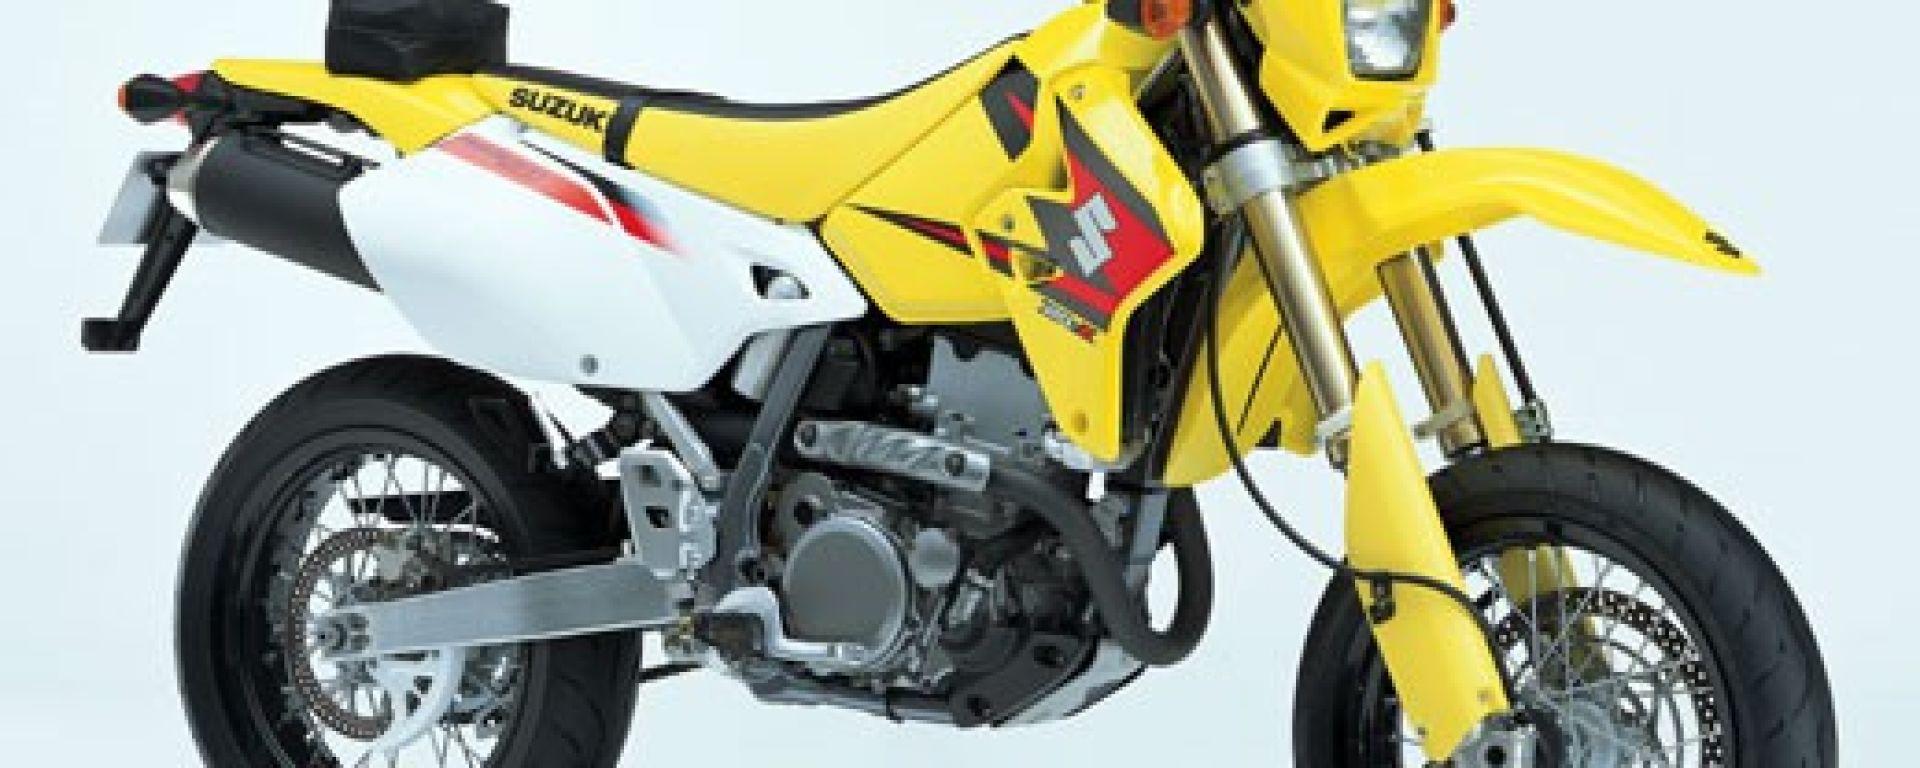 Suzuki DR-Z400 SM 2005